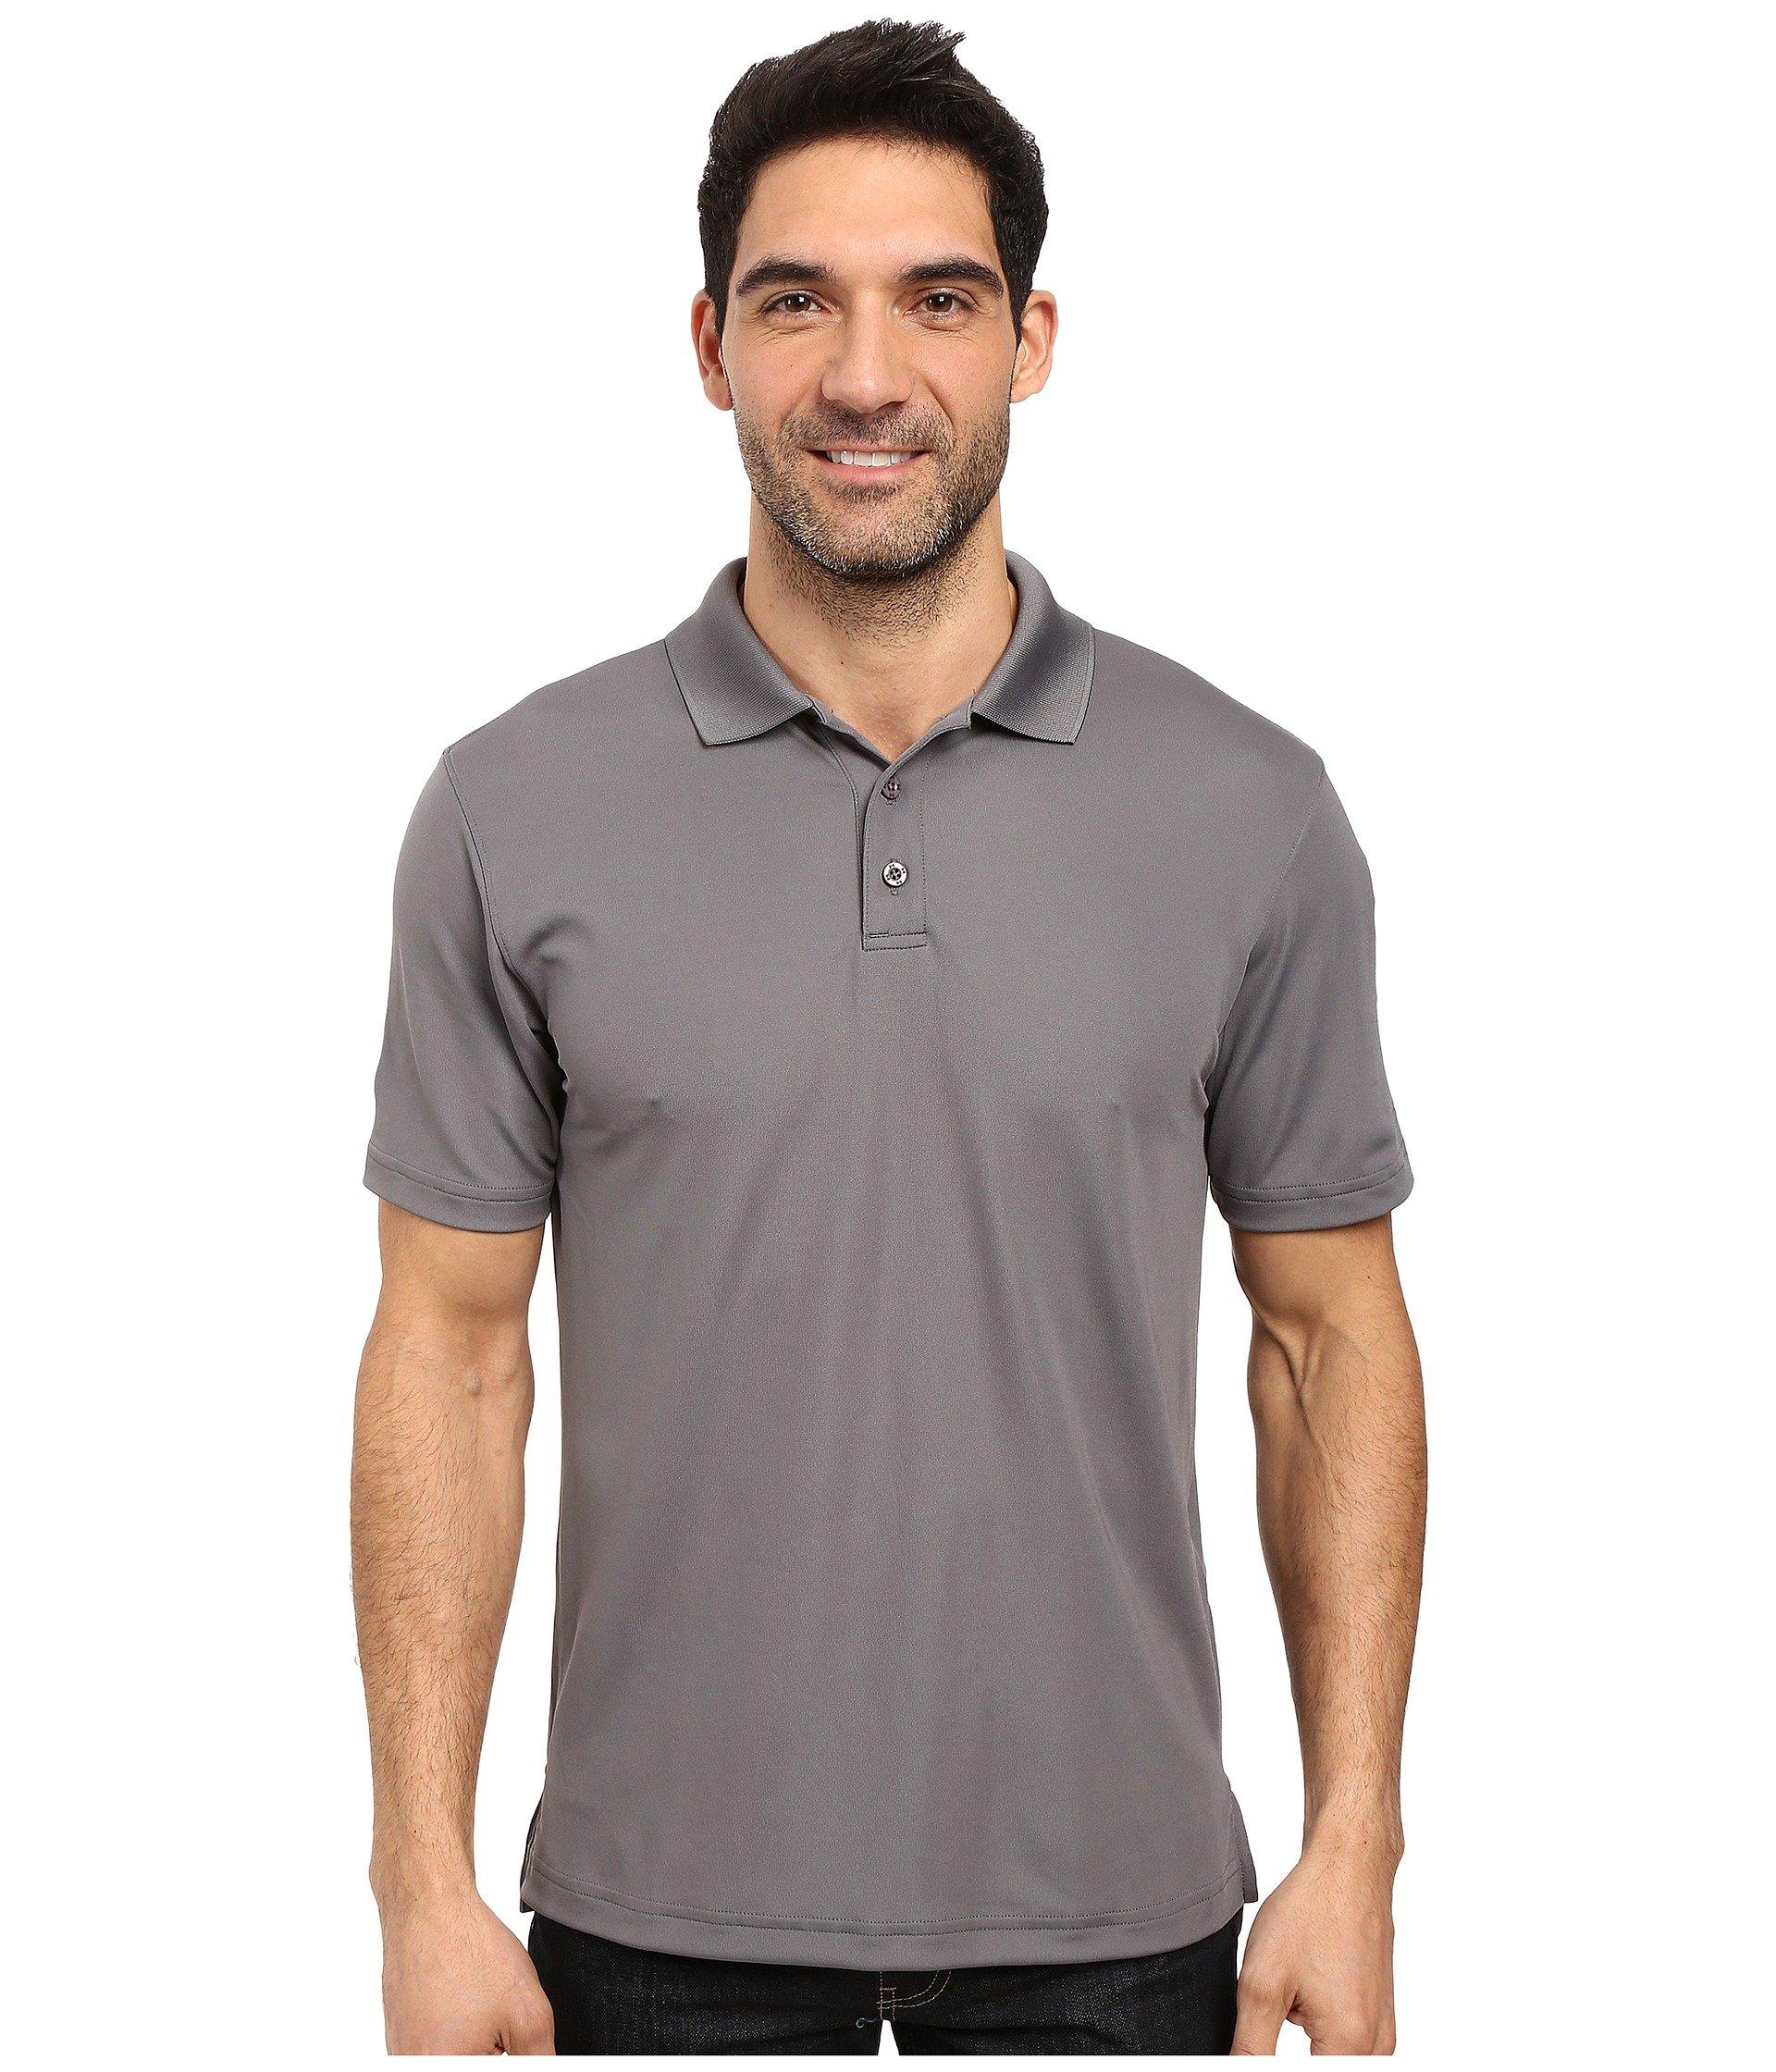 Camiseta Tipo Polo para Hombre Under Armour UA Tac Performance Polo  + Under Armour en VeoyCompro.net